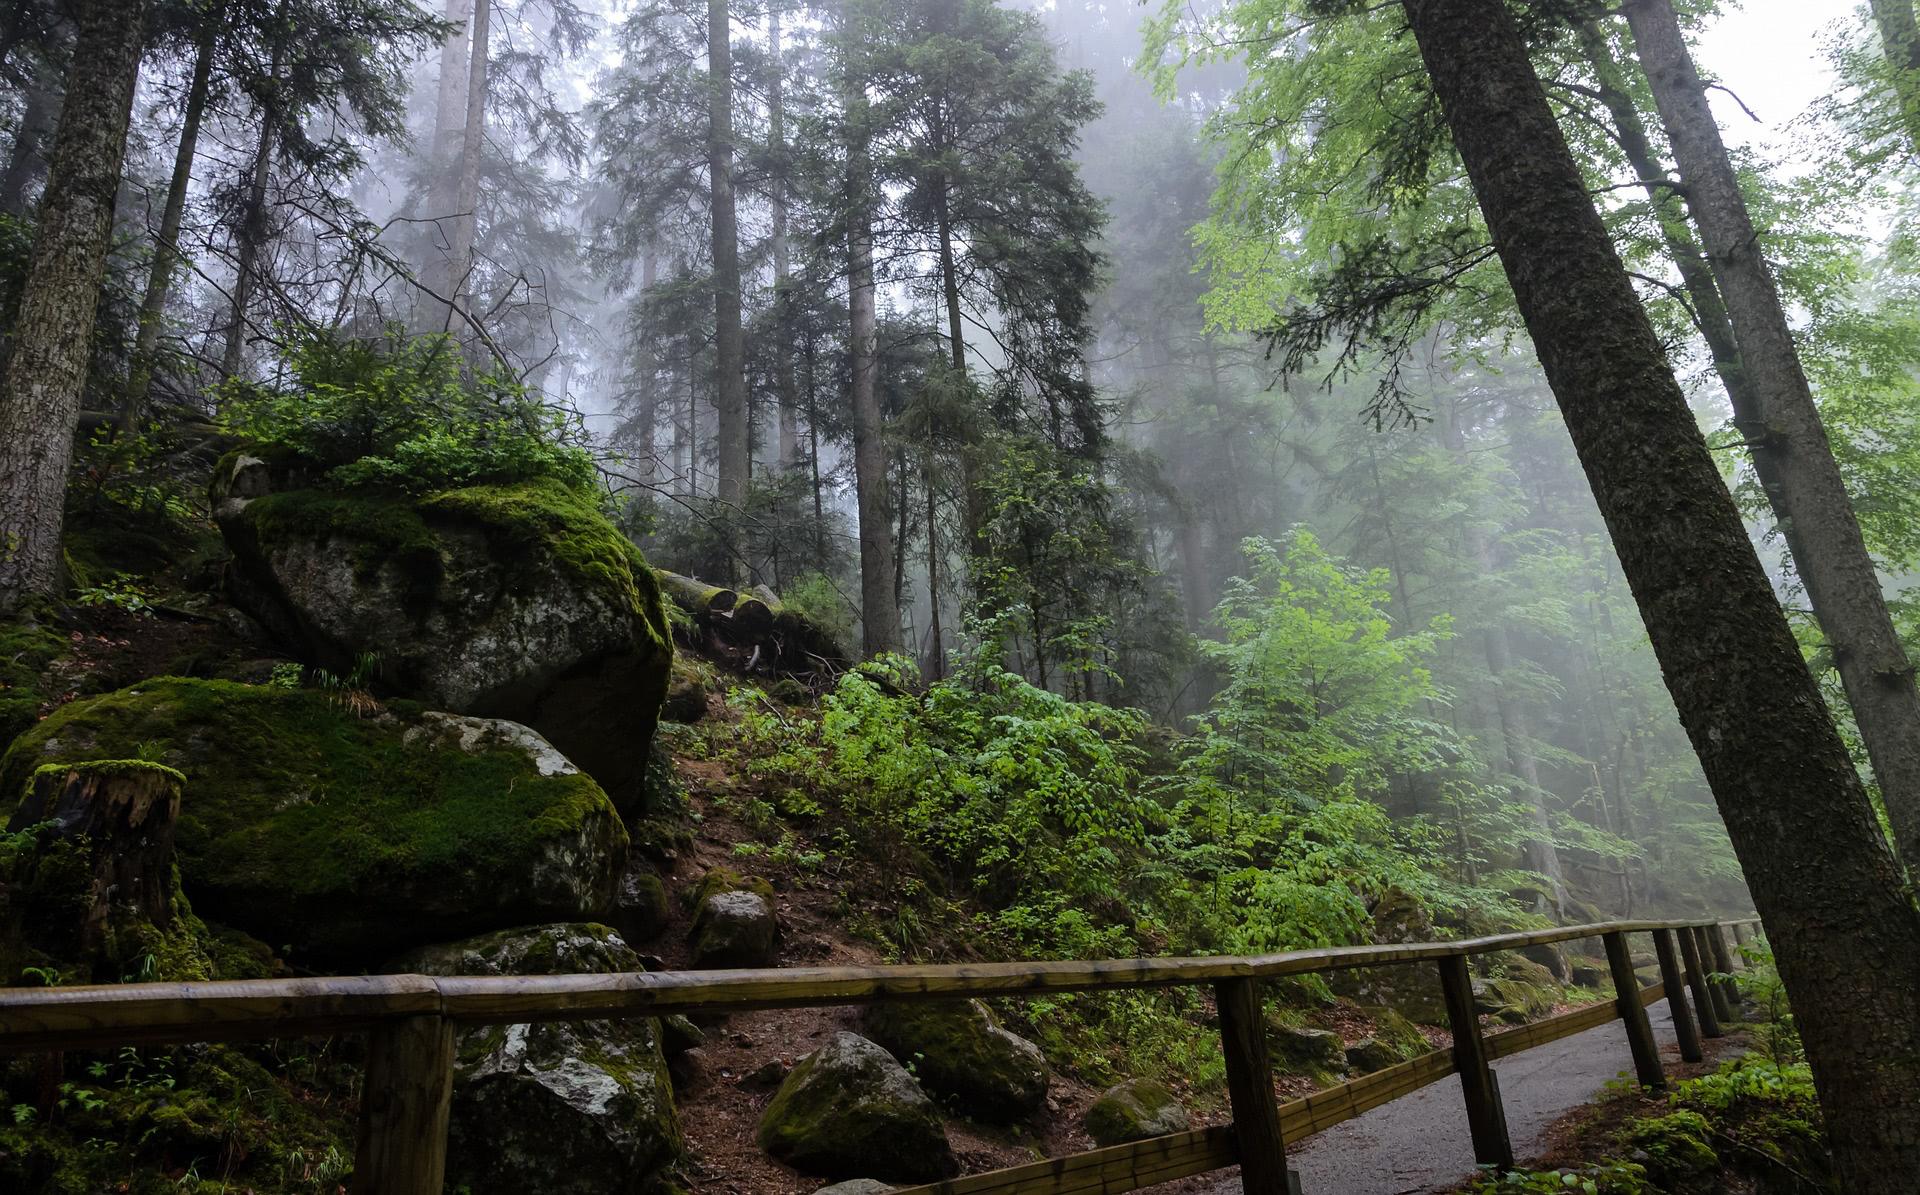 """""""Schutz und Nutzung der Natur – ein Widerspruch?"""" ist Thema einer Tagung zur Nutzungsethik von Fleisch und Holz auf dem Feldberg am 7. Juni"""